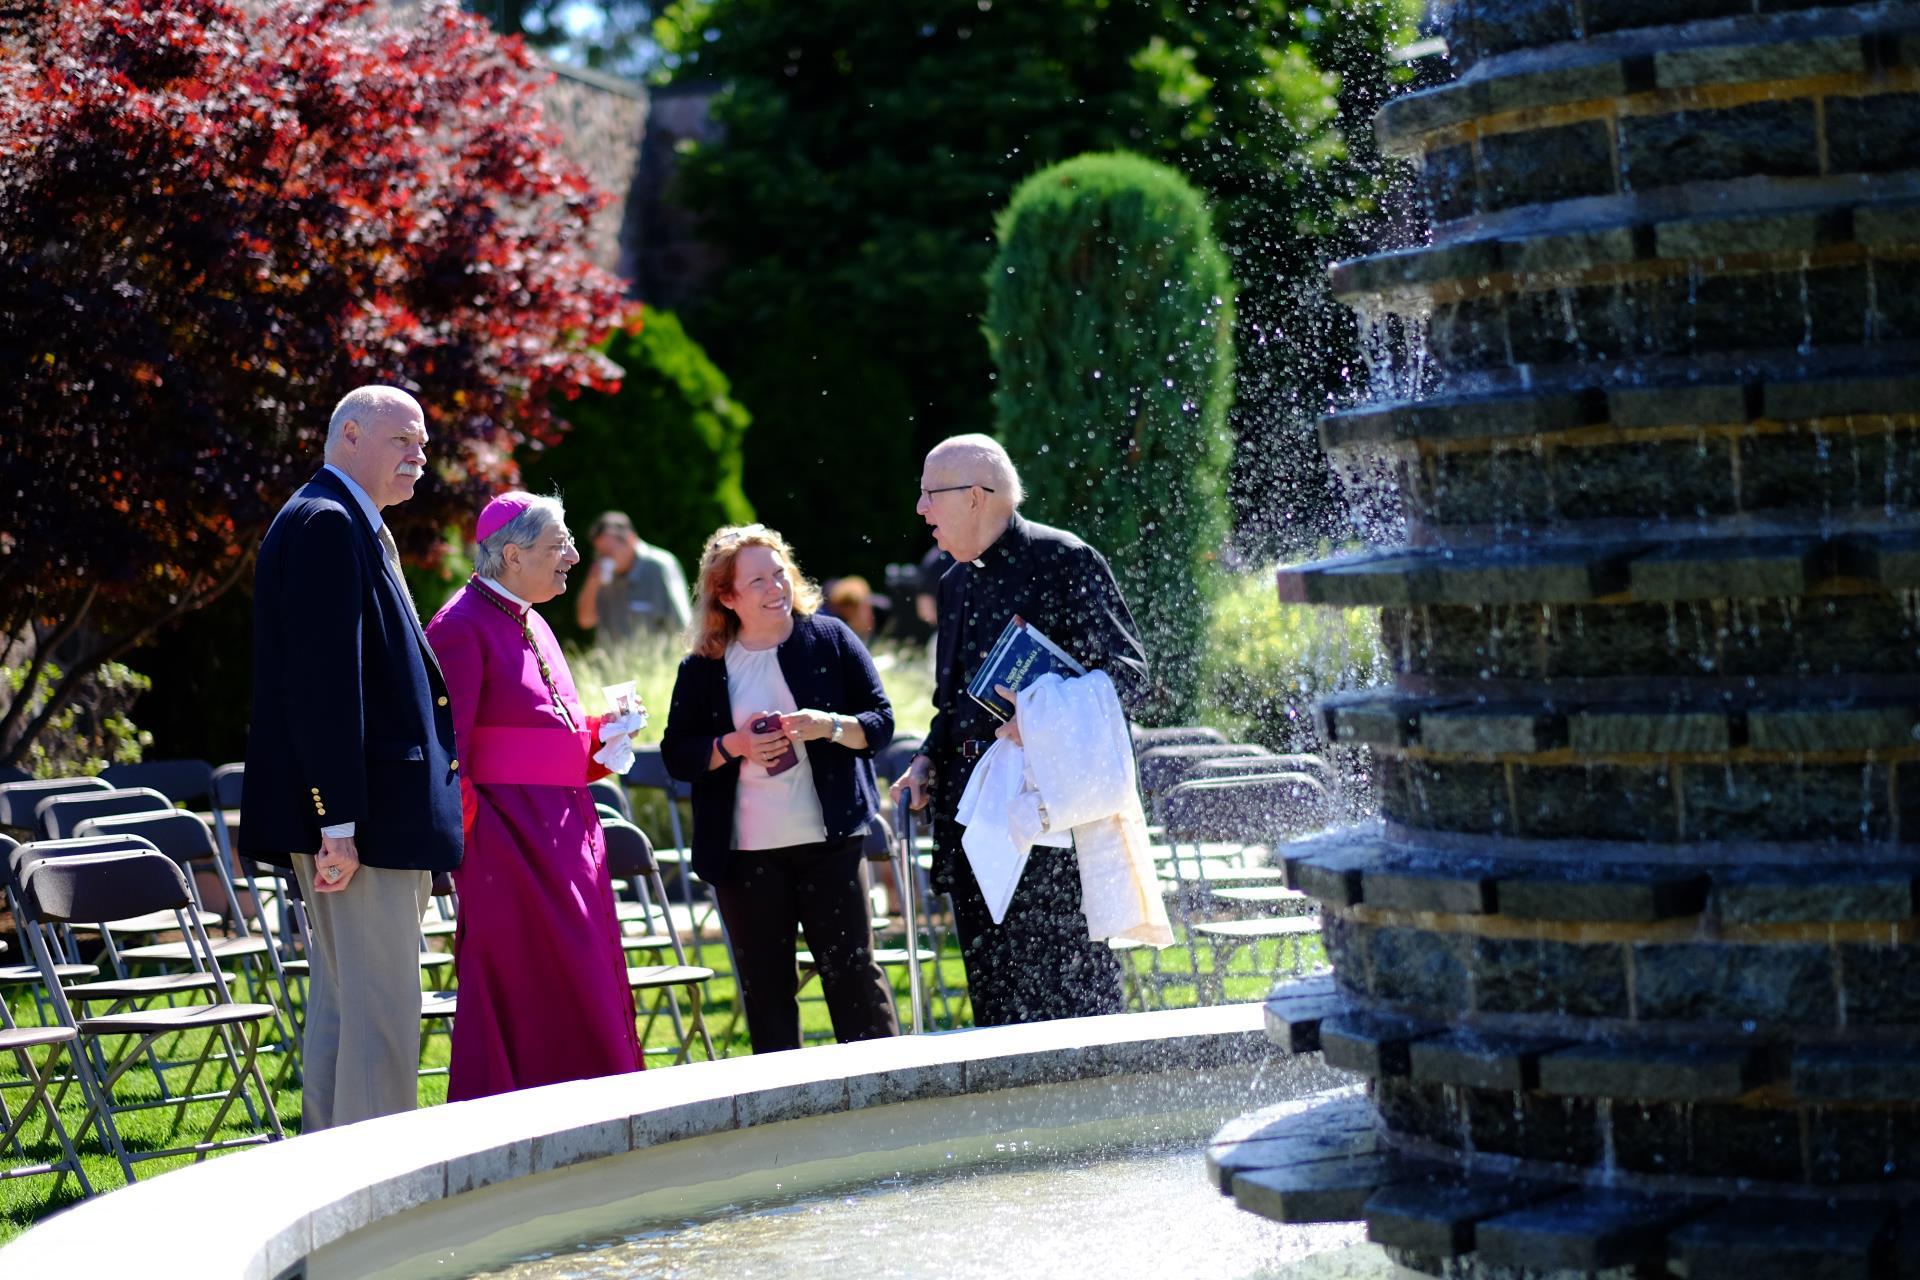 Bishop Matano near a fountain